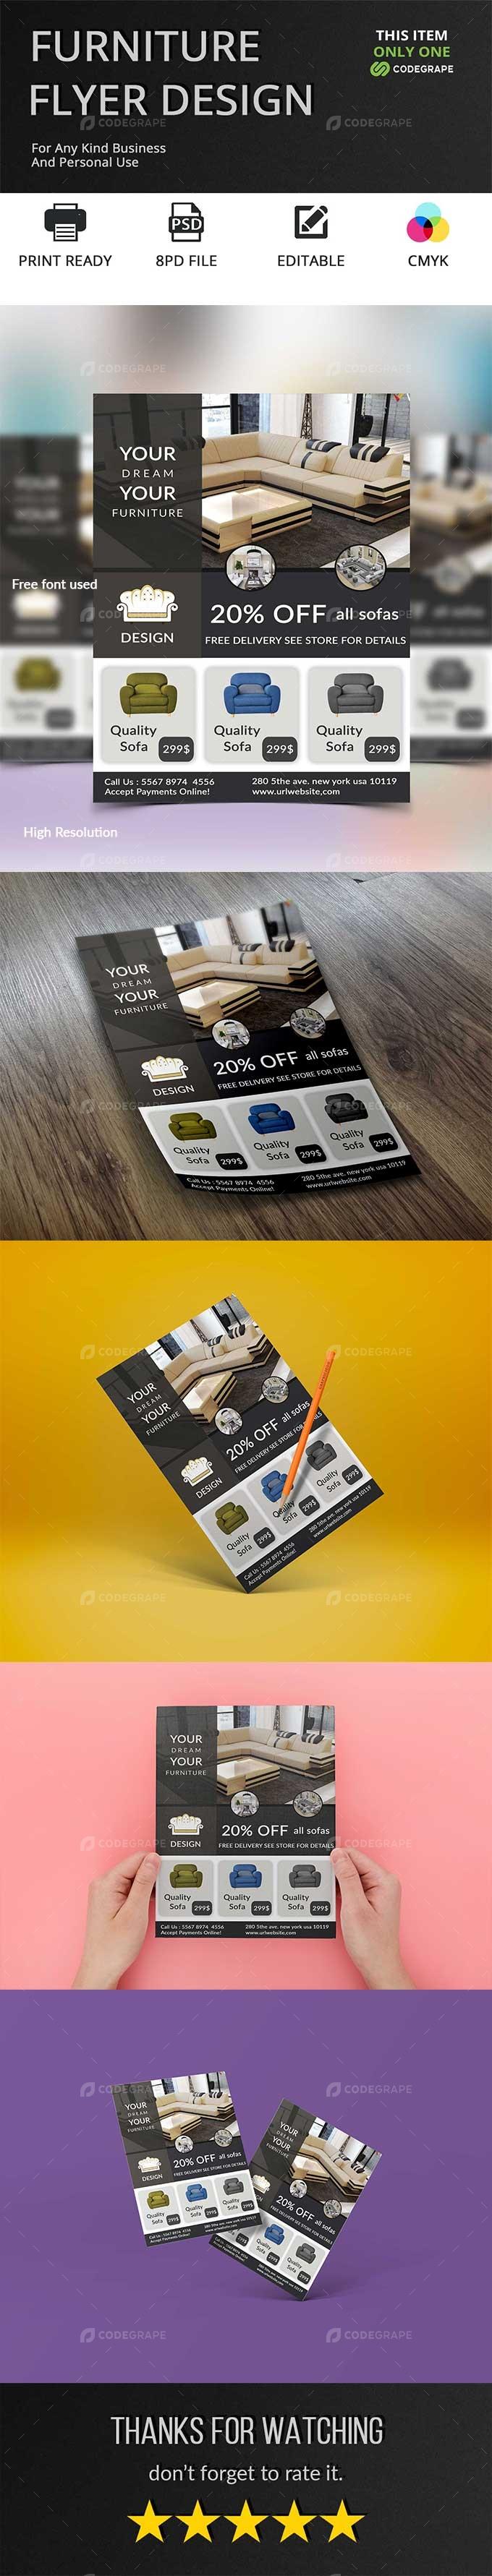 Furniture Business Flyer Design